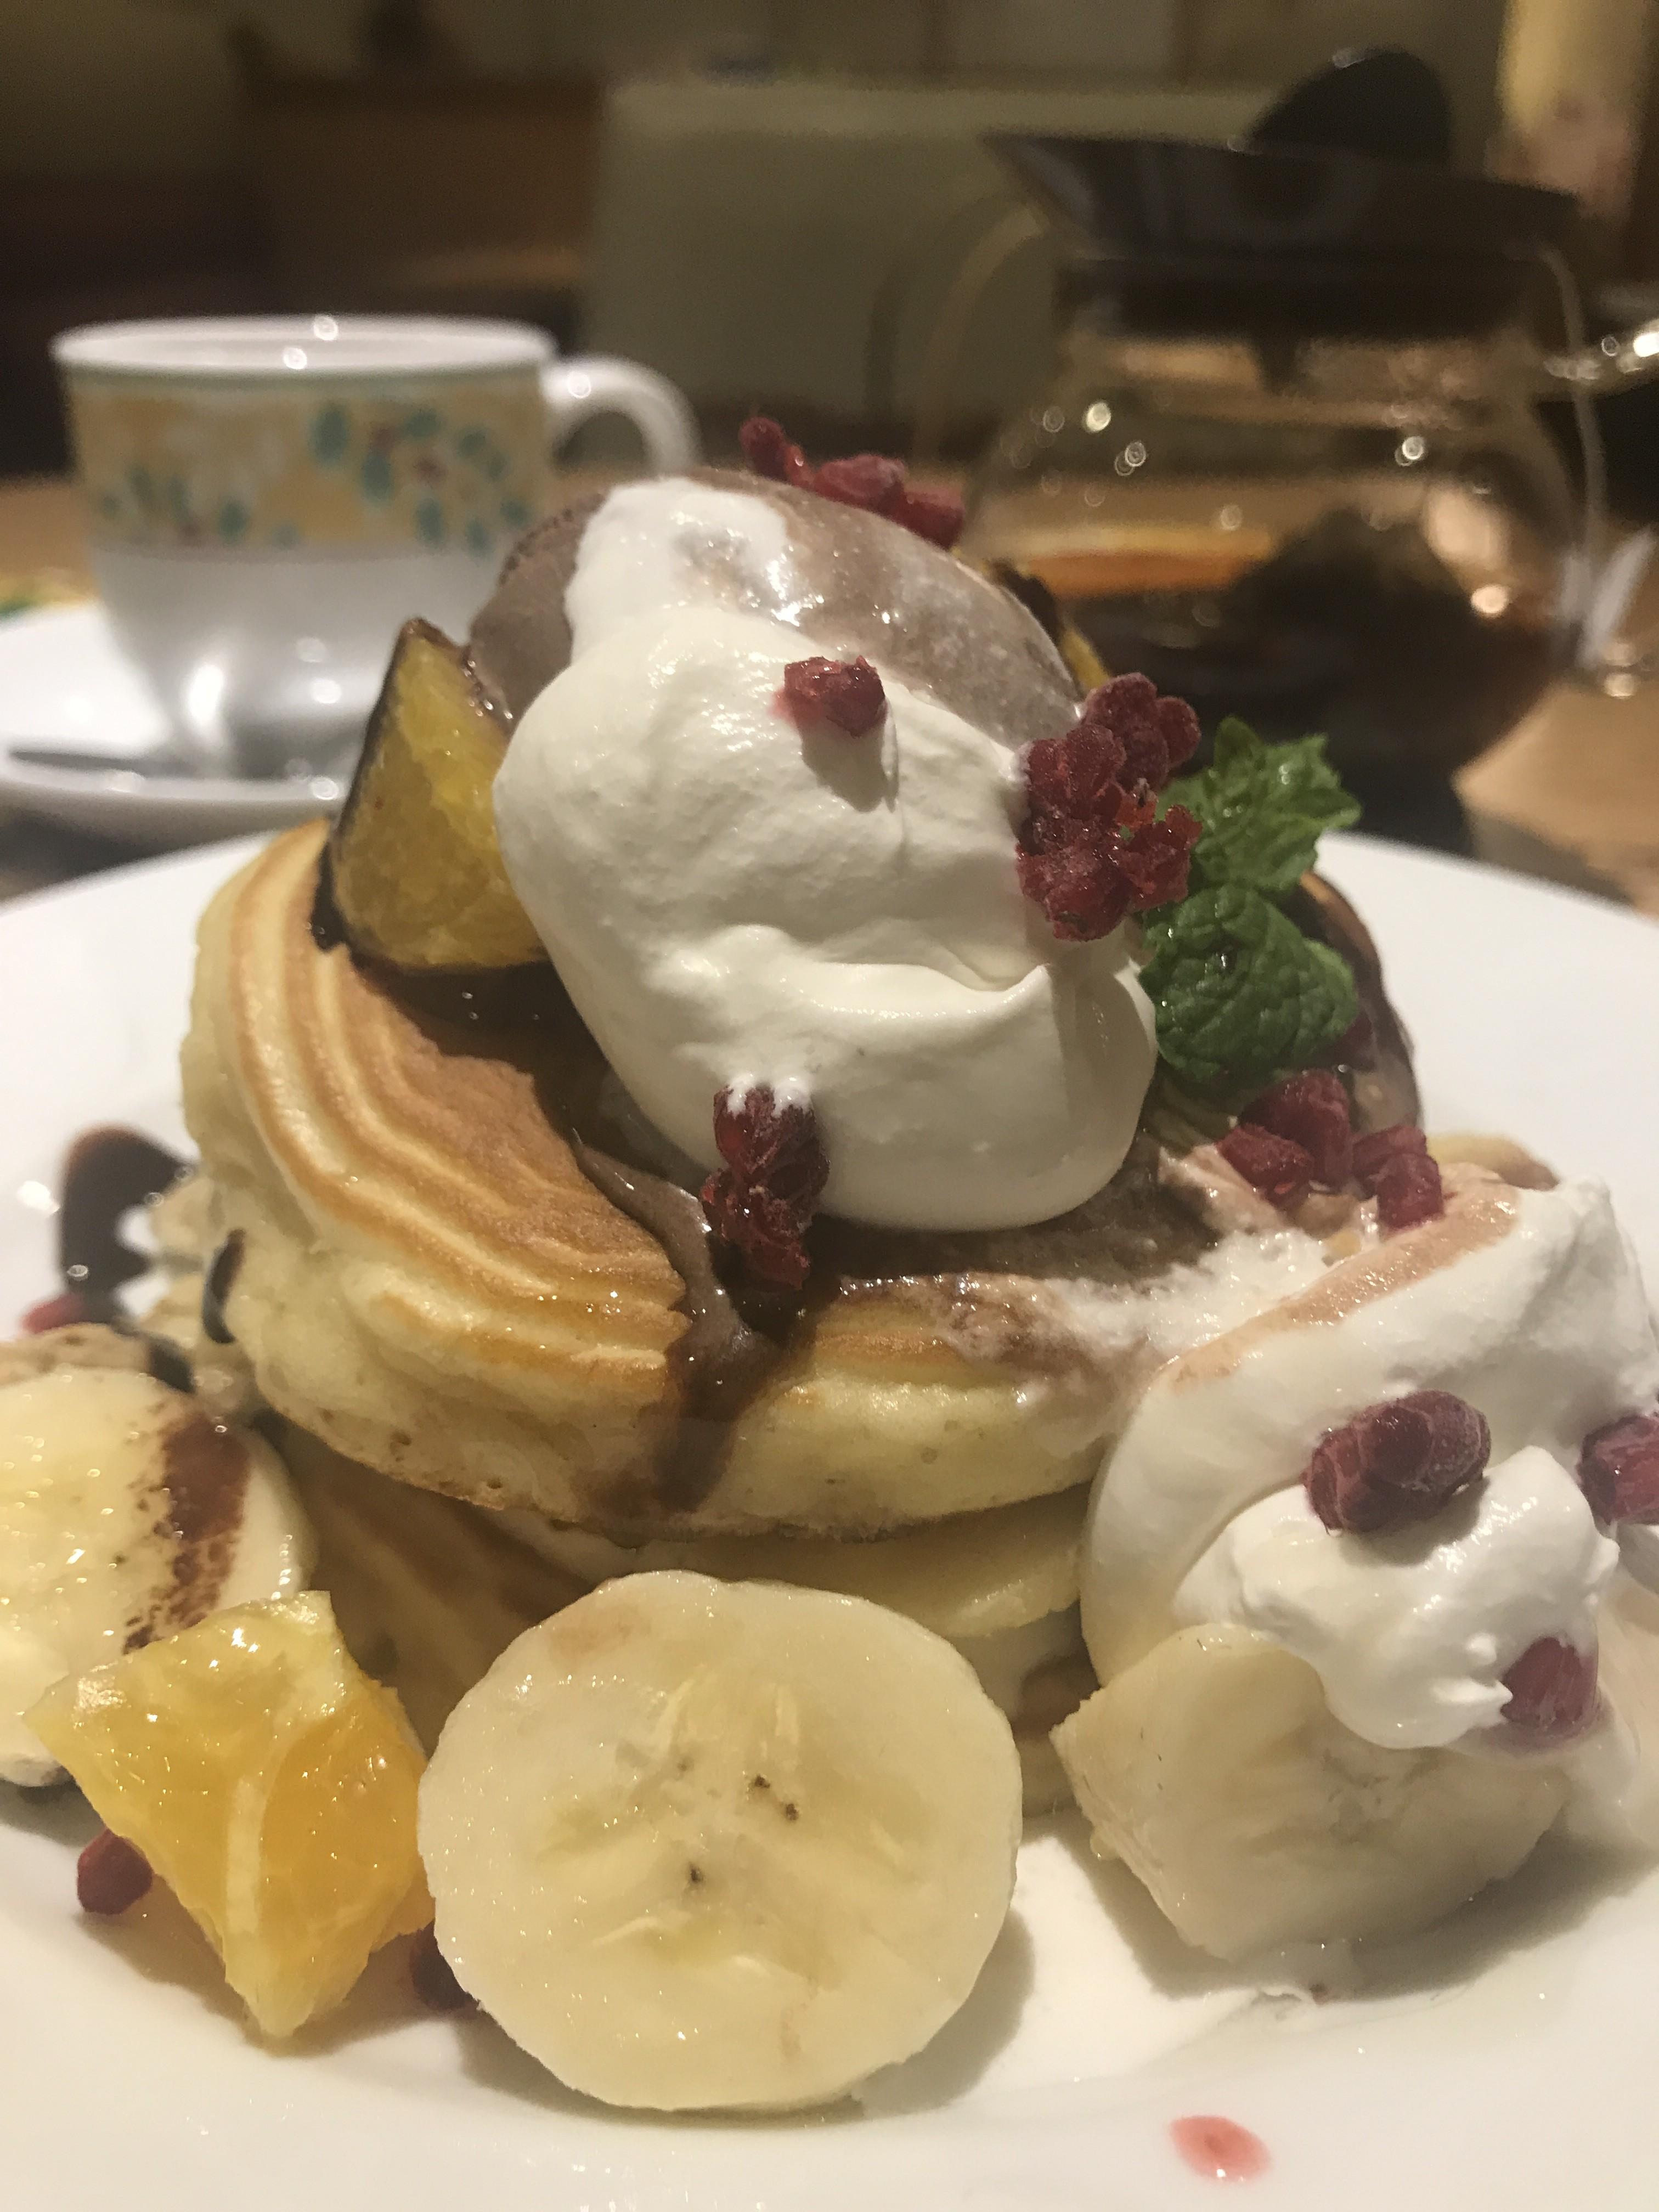 《絶対お得》デニーズの誕生日クーポンで豪華パンケーキが無料!